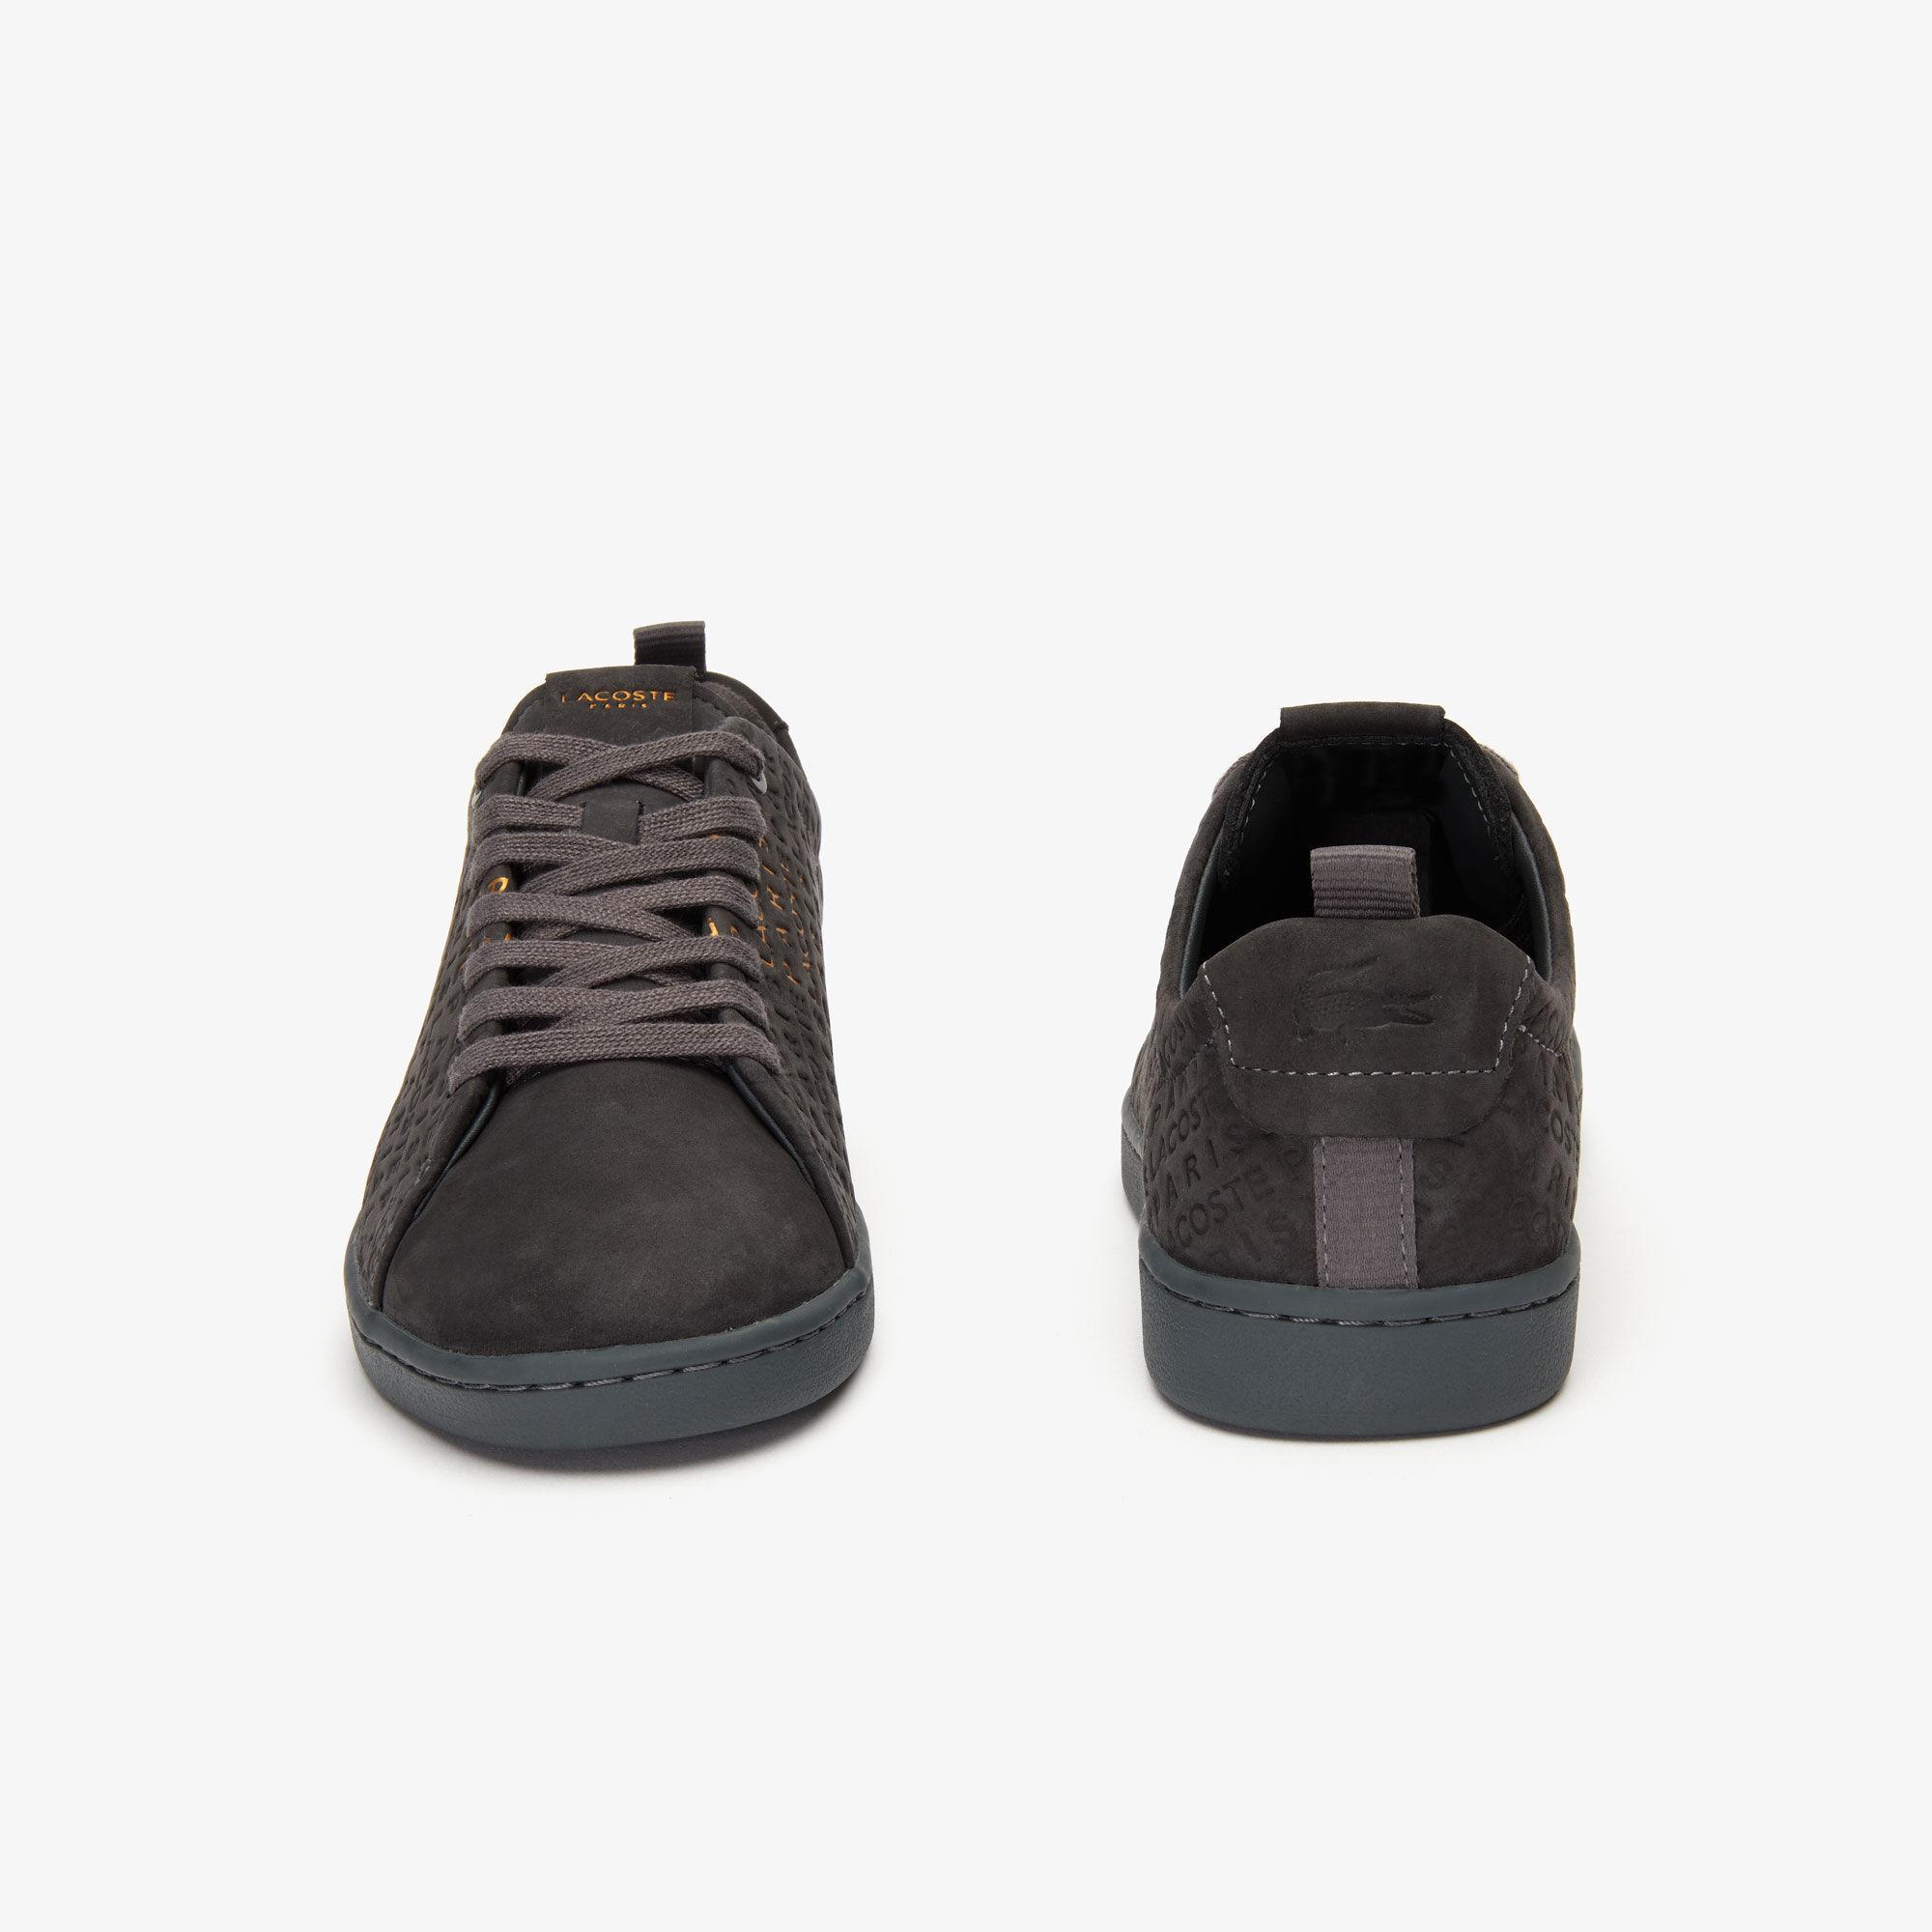 Lacoste Kadın Sneakers